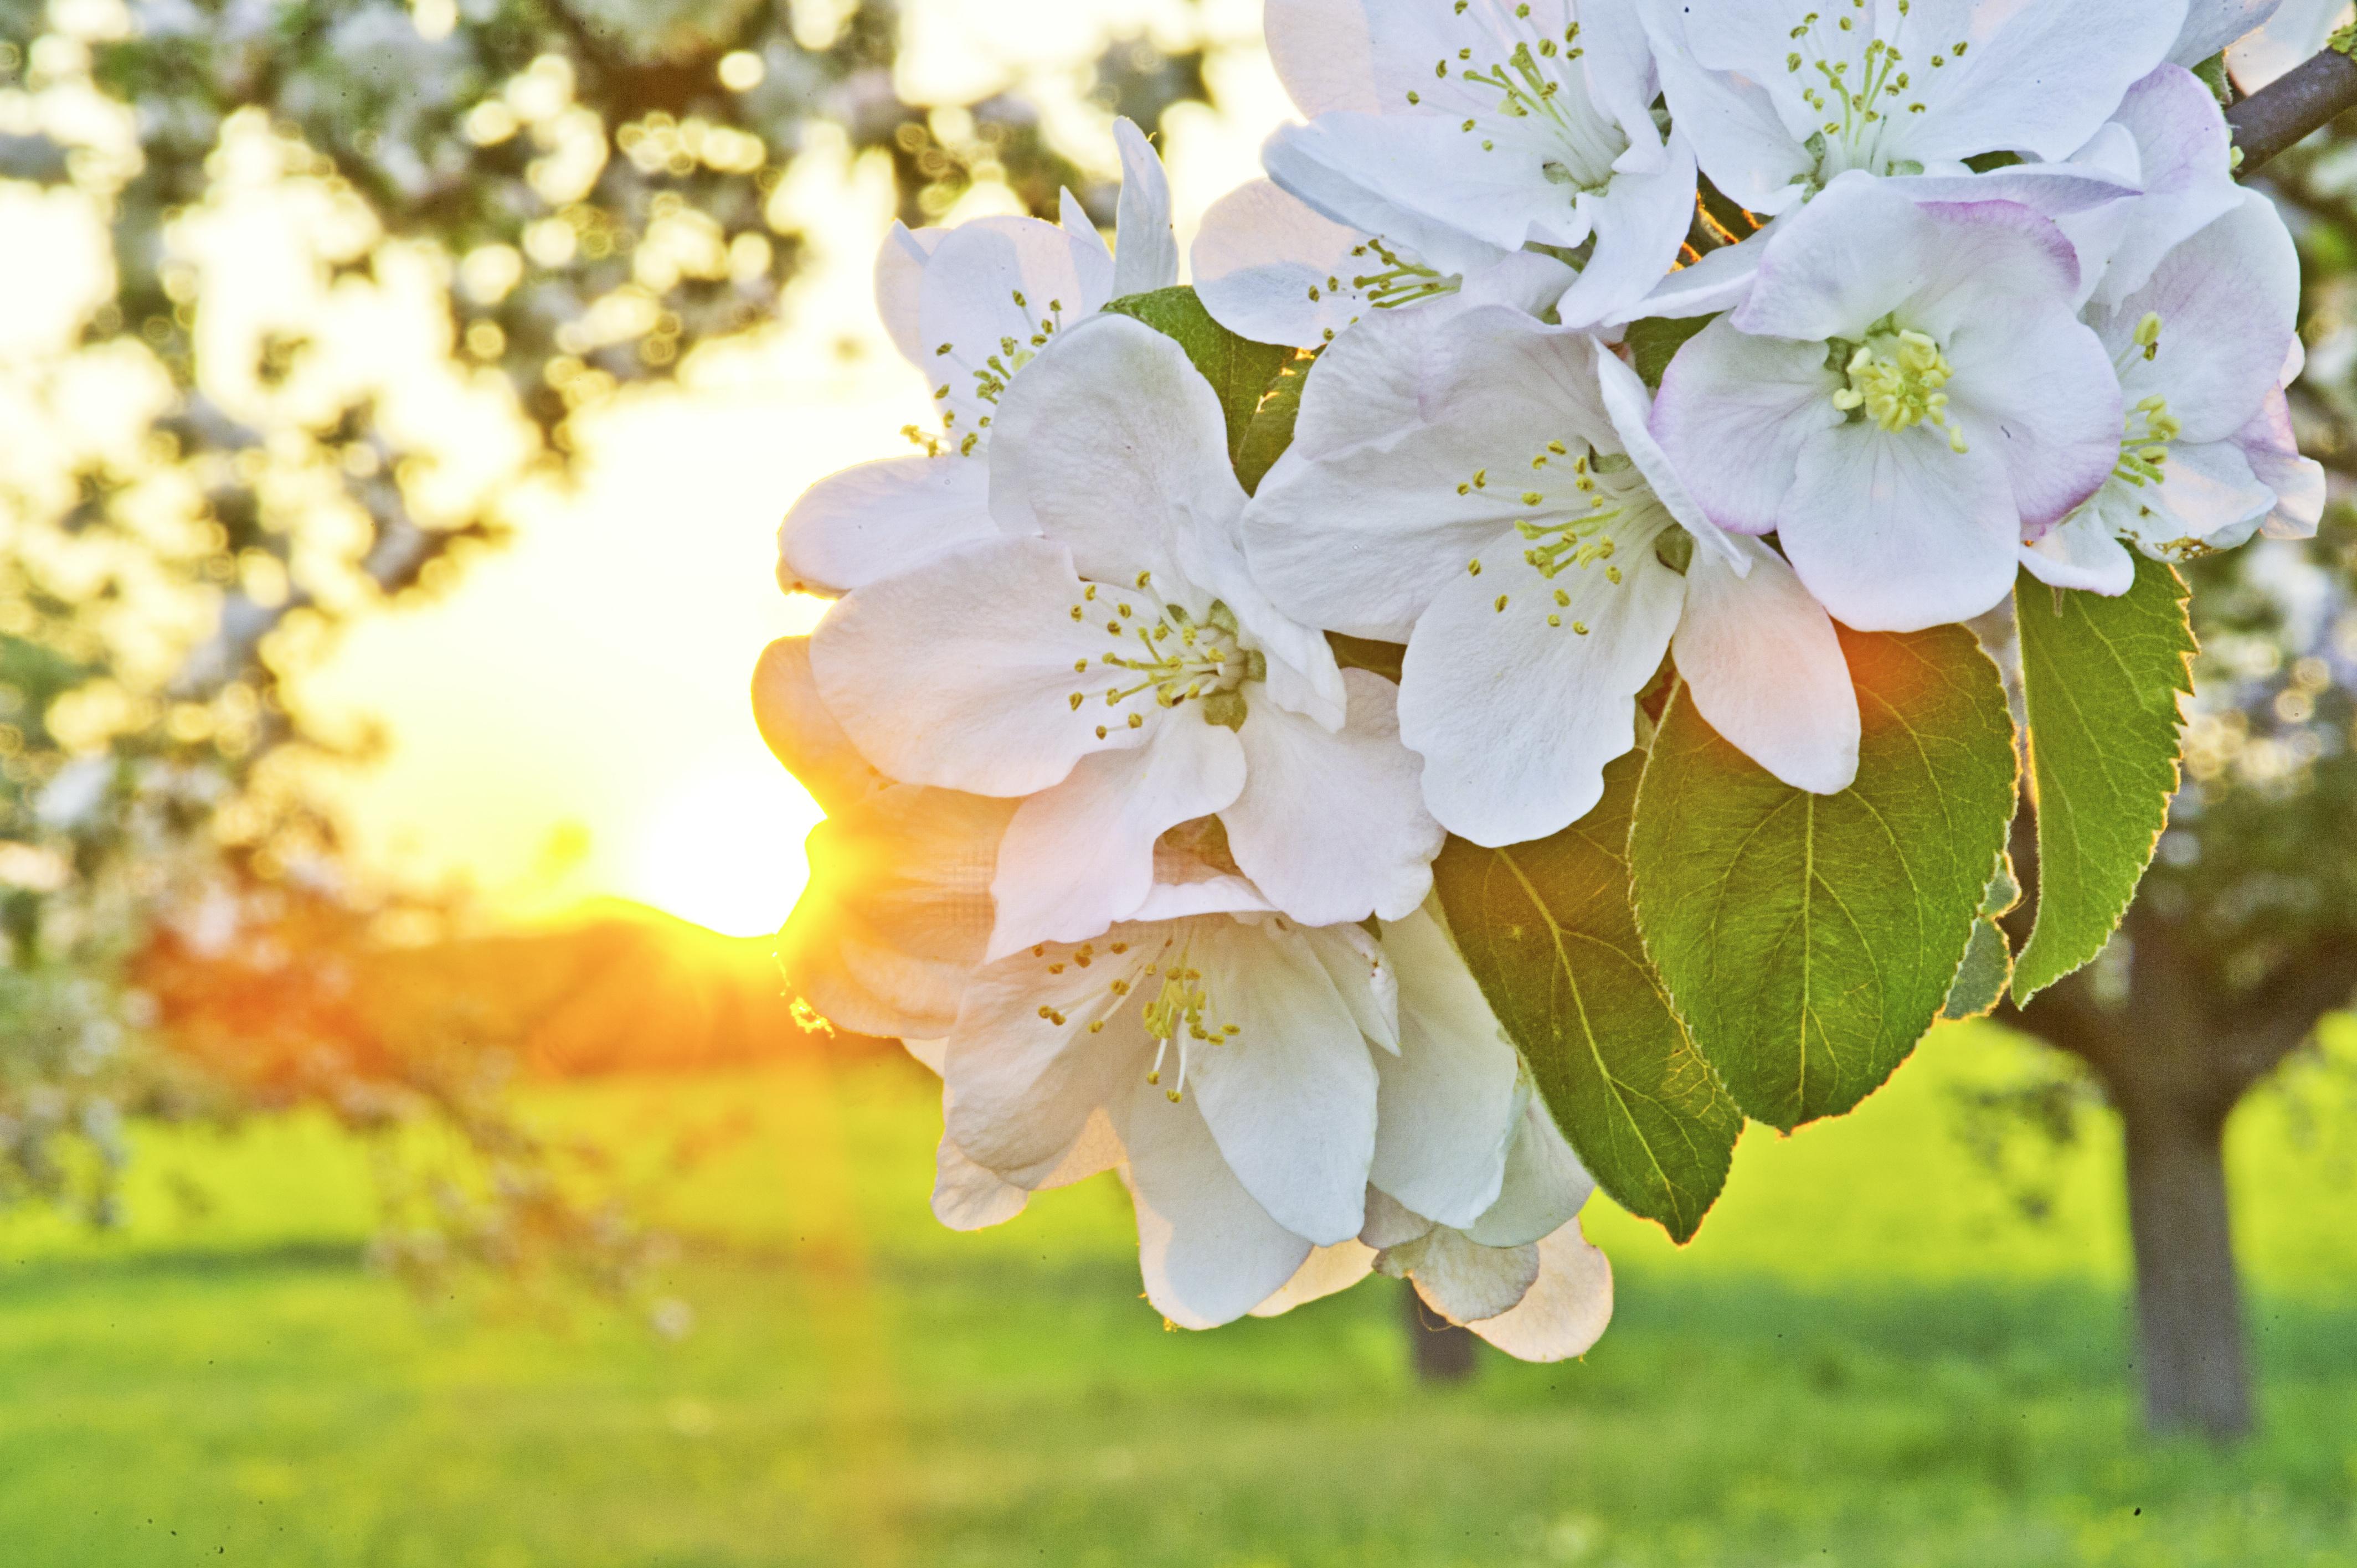 Primavera en flor: Flor del manzano